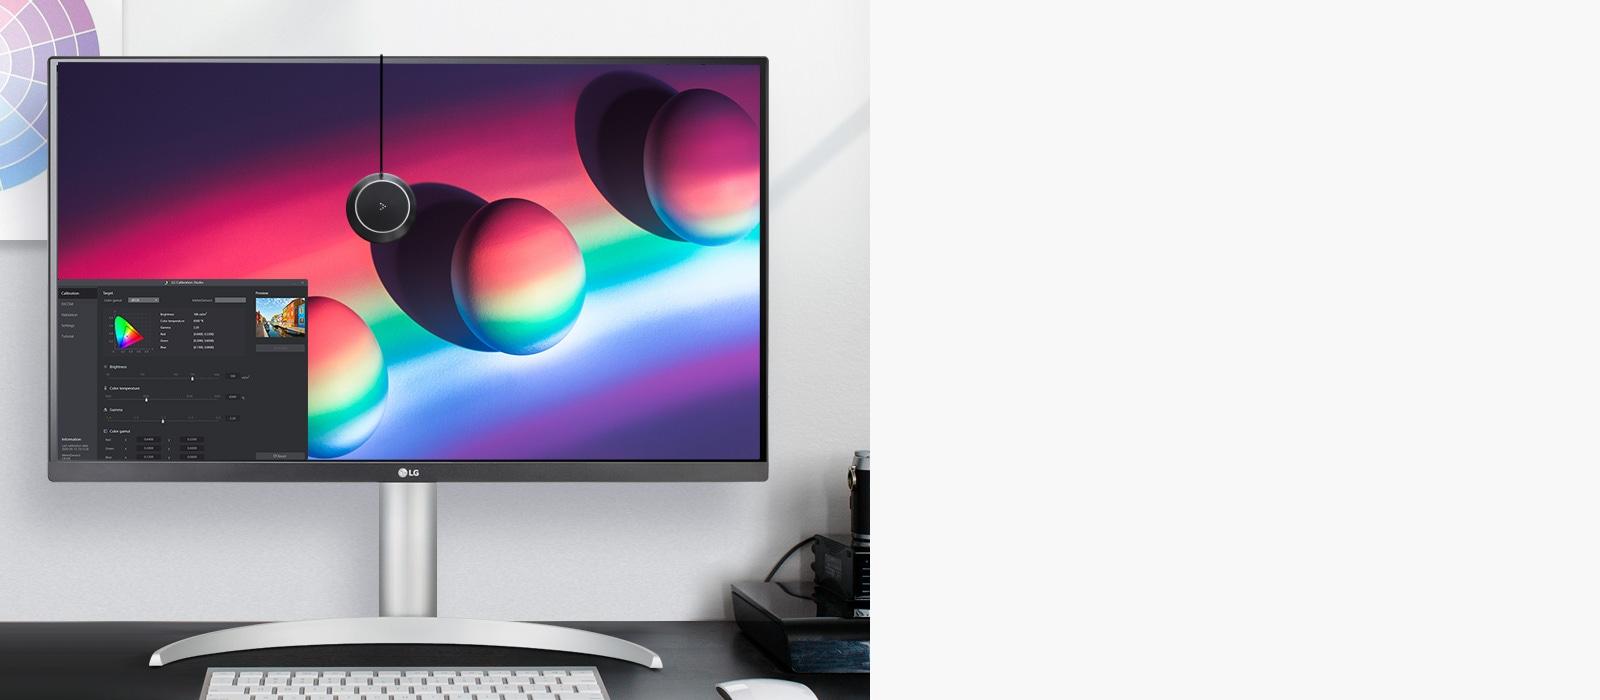 Tối ưu hóa hiệu suất màu với chức năng Hiệu chỉnh Phần cứng thông qua LG Calibration Studio